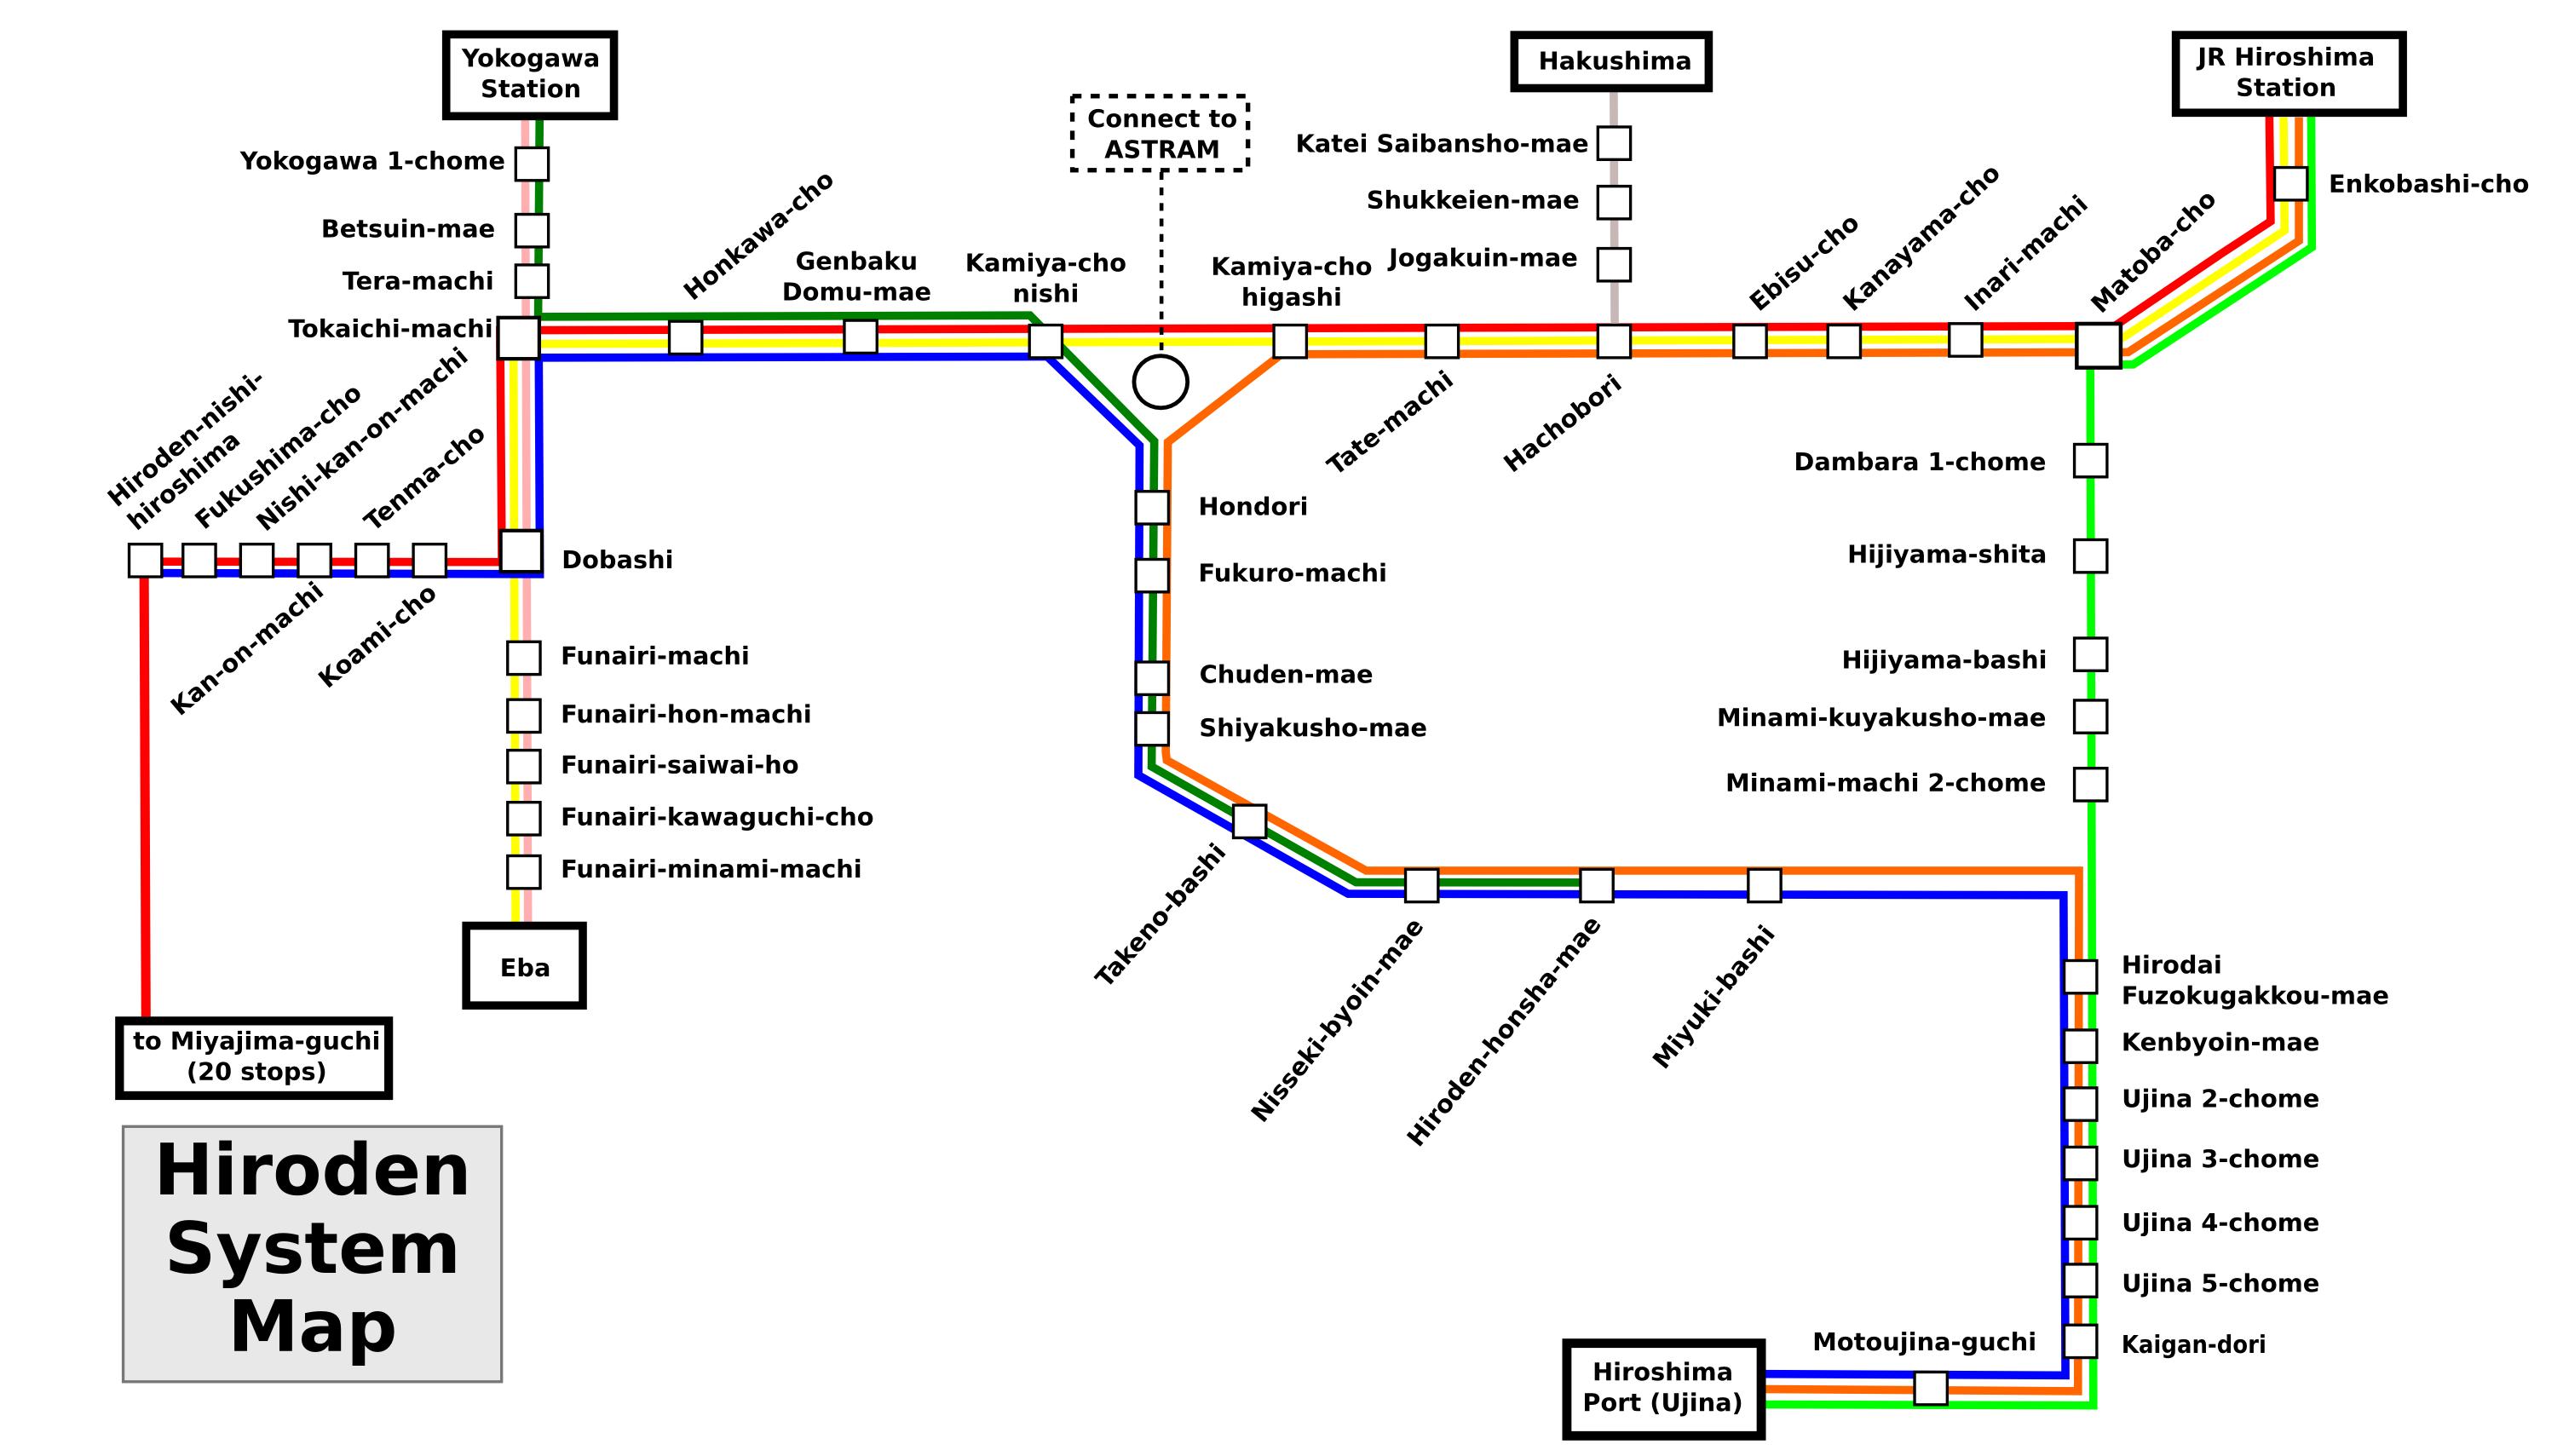 Hiroshima Subway Map